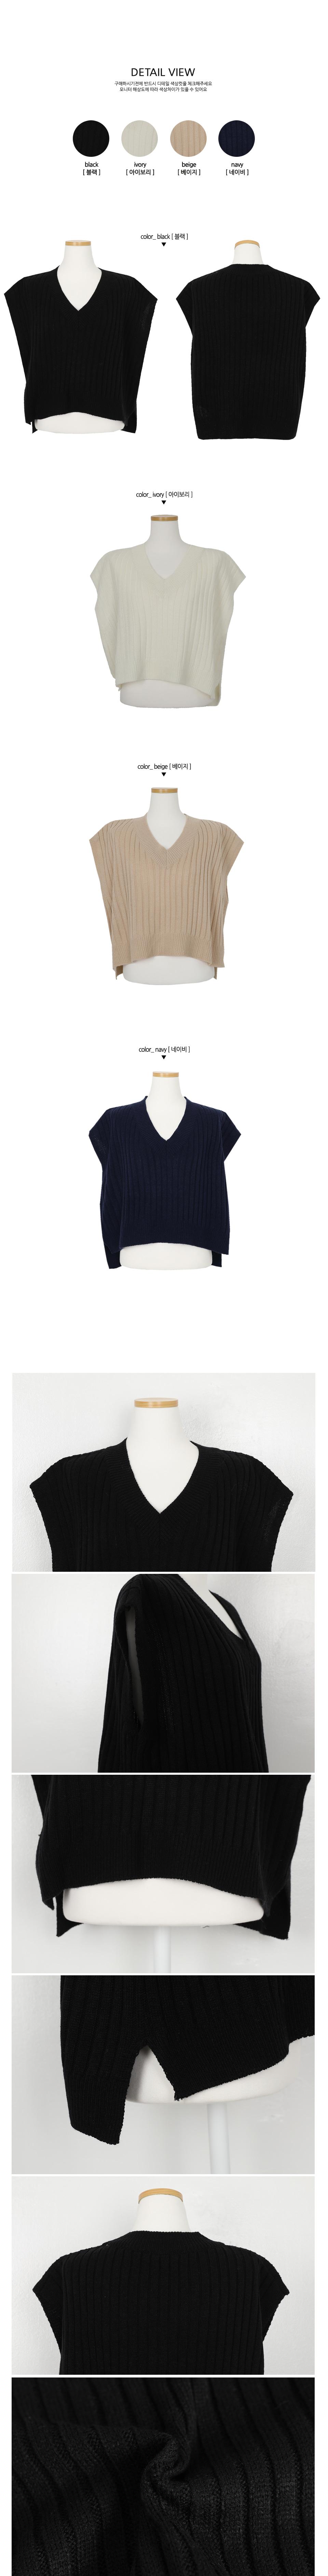 Popocrib Knitted Vest